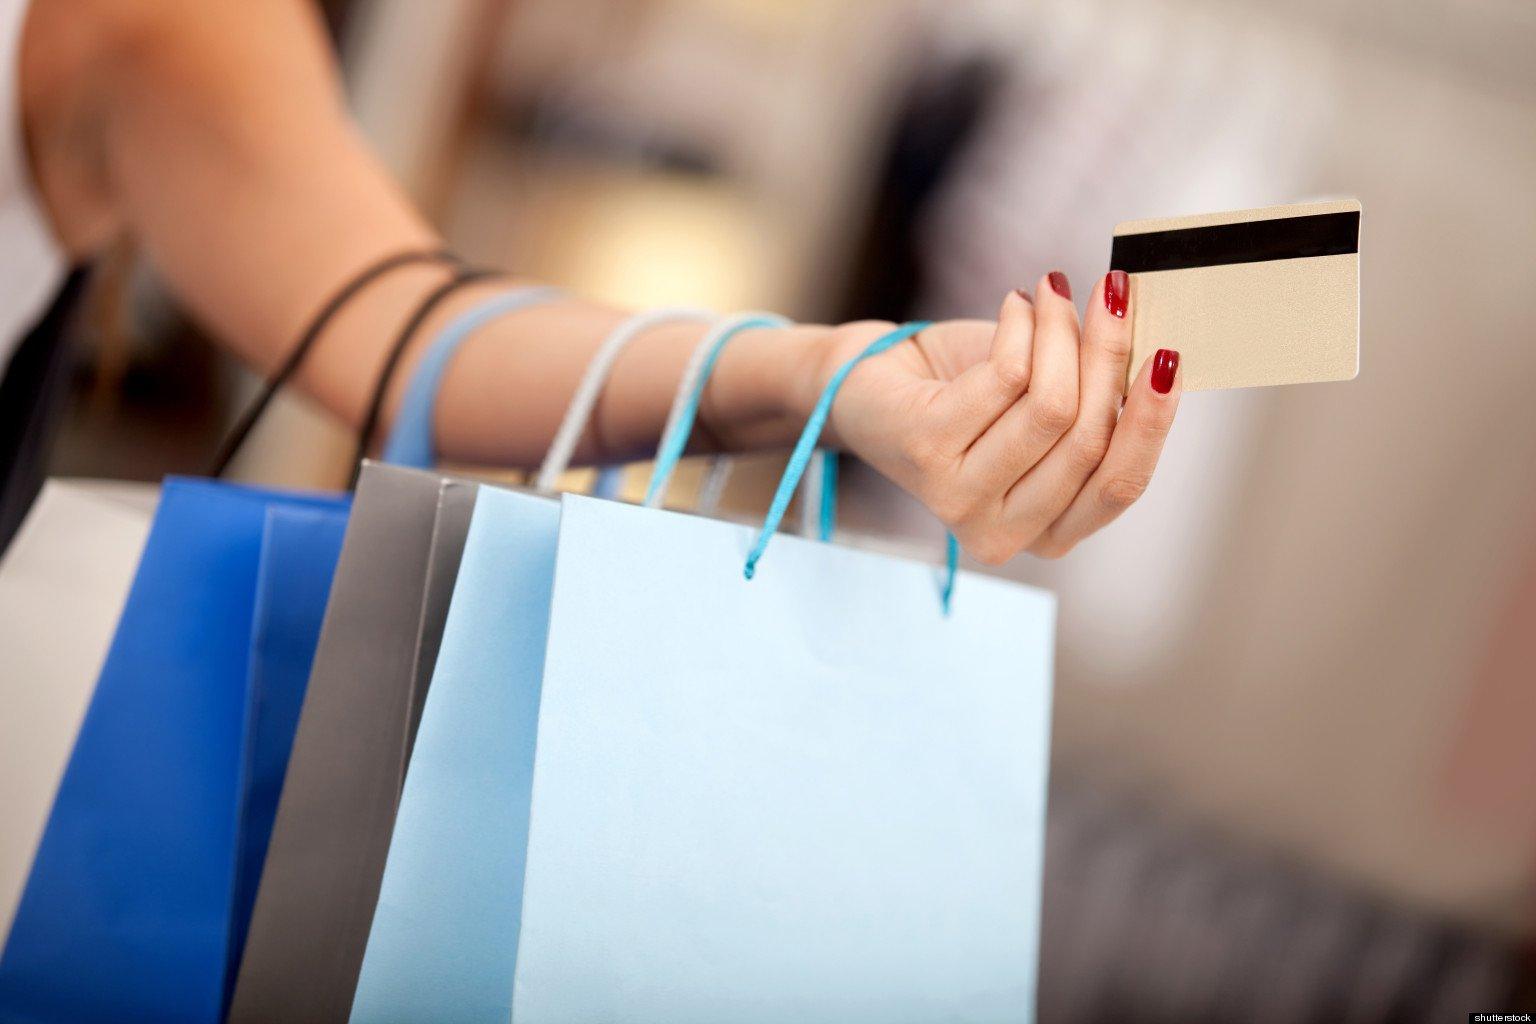 Ganhe milhas aéreas no programa de fidelidade Smiles com o Cartão de Crédito Santander Mastercard